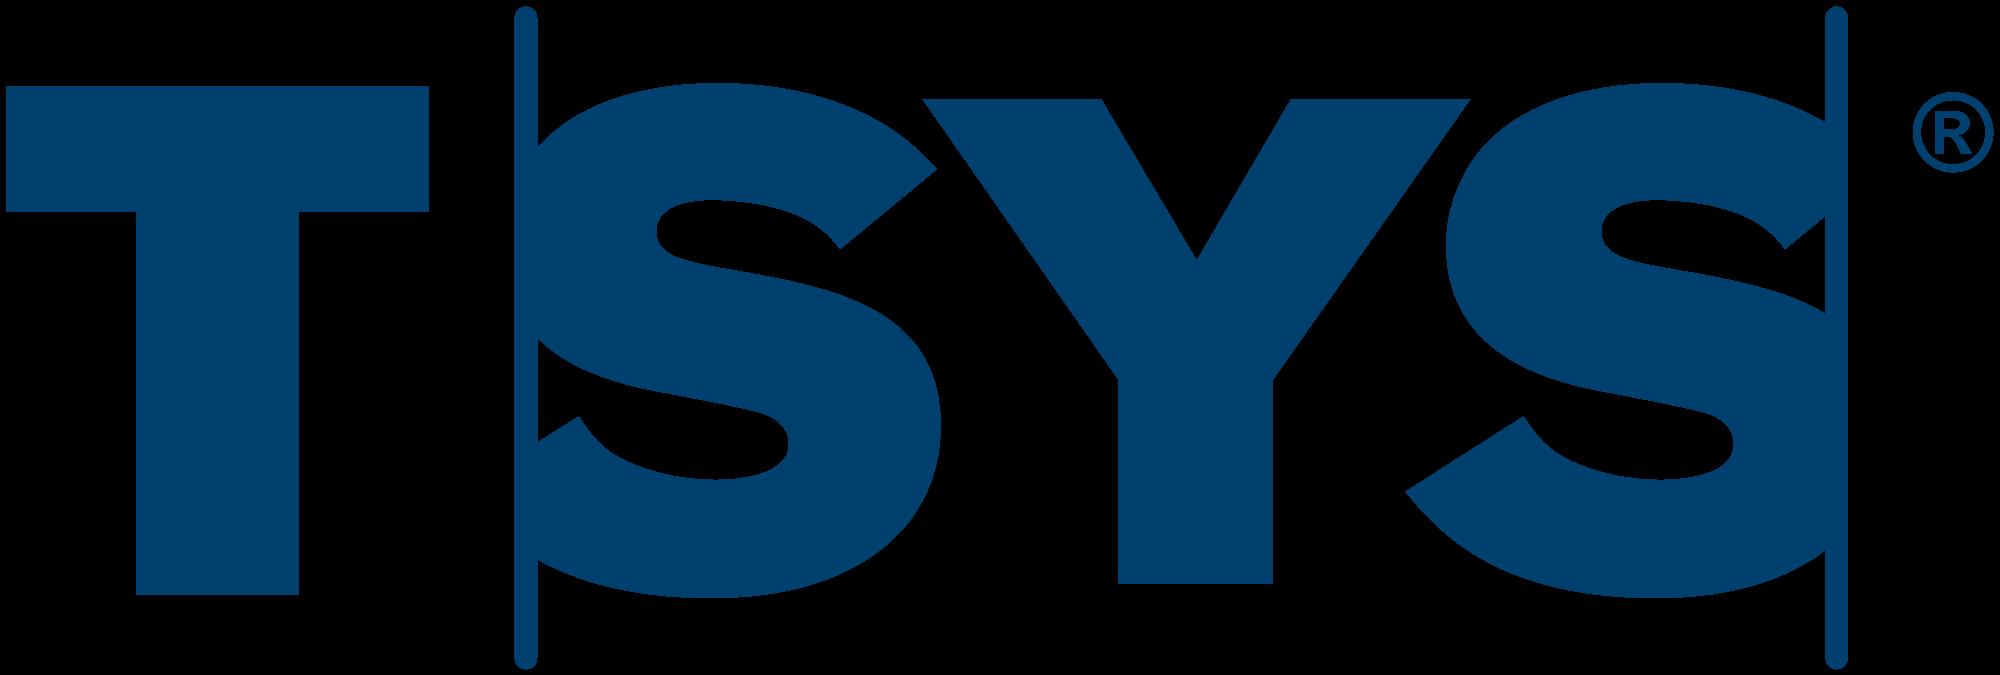 TSYS.